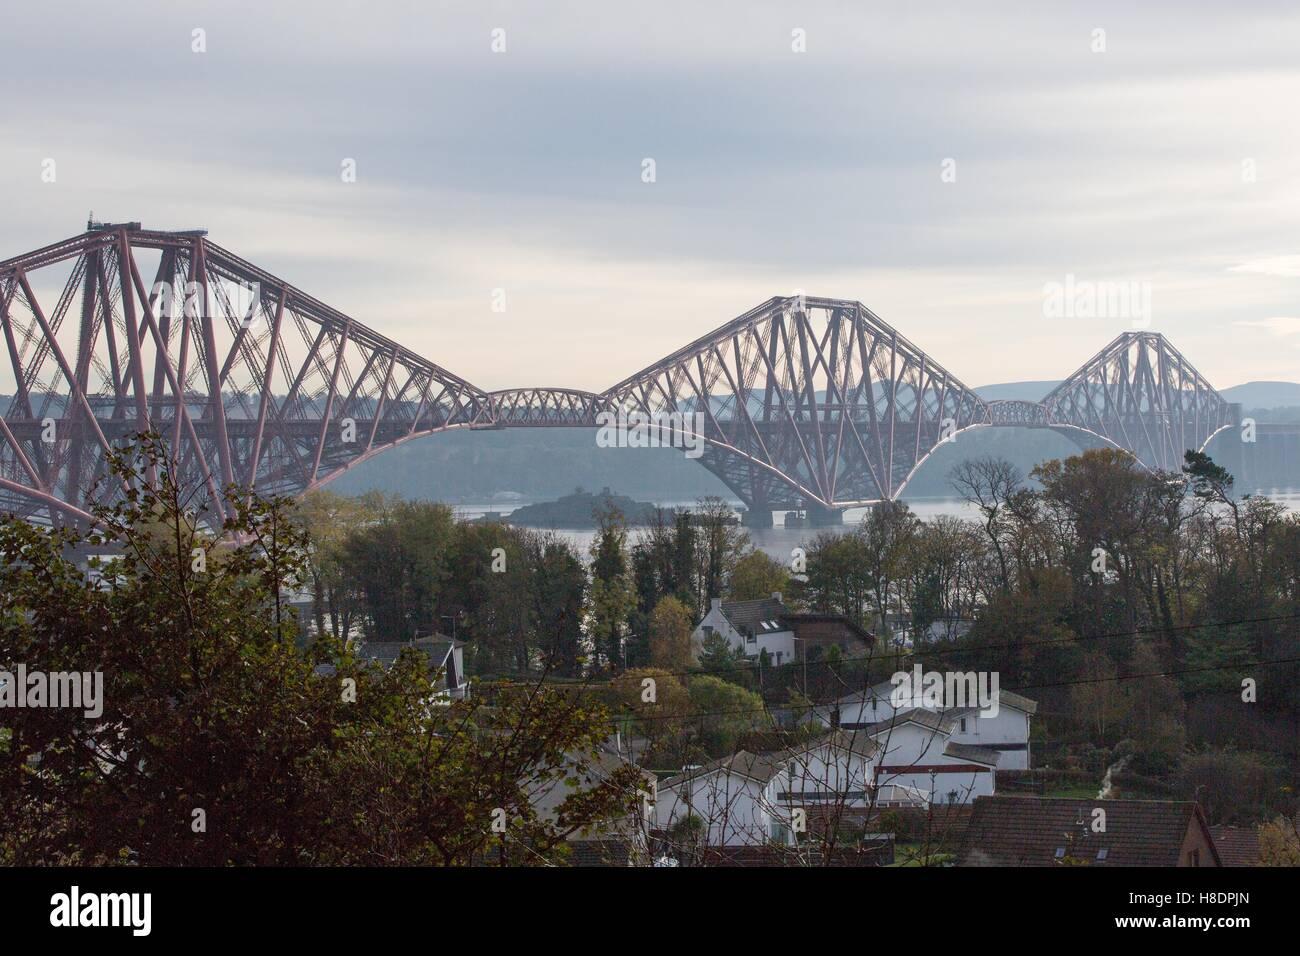 Queensferry, Edinburgh, Ecosse, 11 septembre, novembre, 2016. Le pont de chemin de fer, qui porte encore les deux passagers et fret. Photo est prise à la recherche du Nord vers le sud à partir de Queensferry. Phil Hutchinson/Alamy Live News Banque D'Images